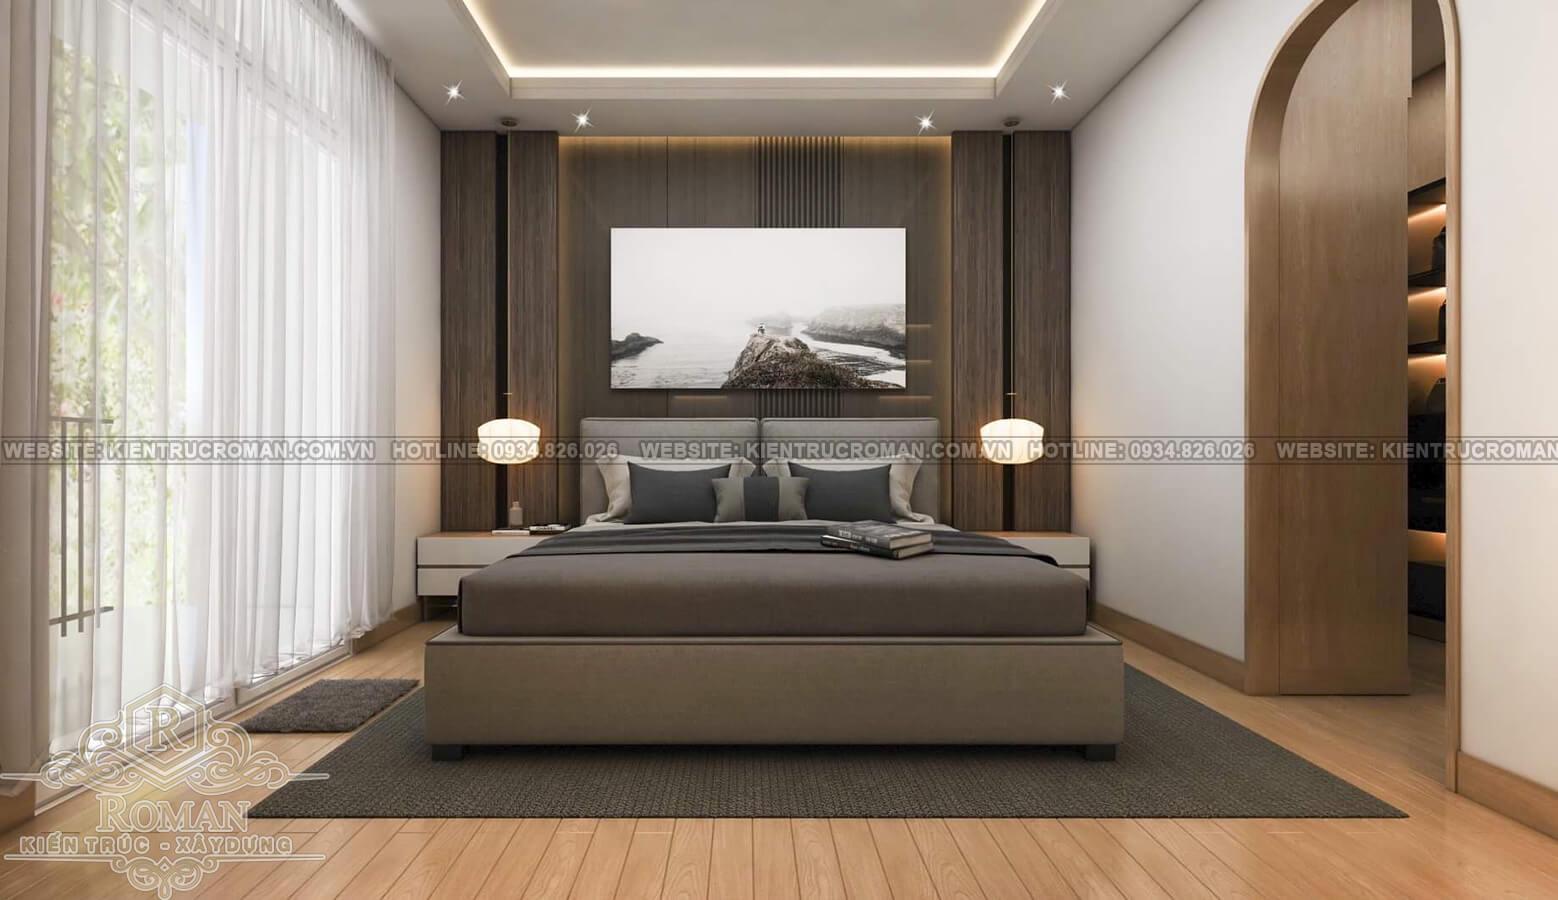 hoàn thiện nội thất nhà phố thiết kế phòng ngủ